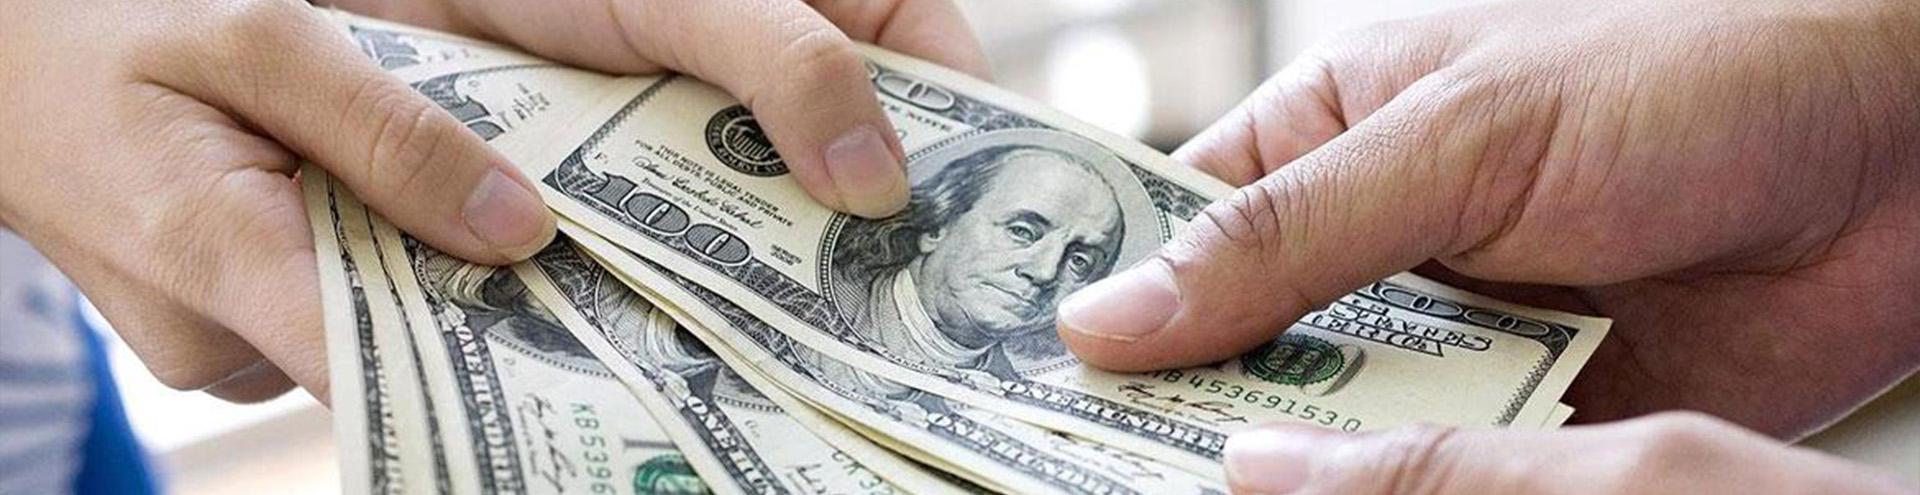 взыскание долга по расписке в Нижнем Новгороде и Нижегородской области